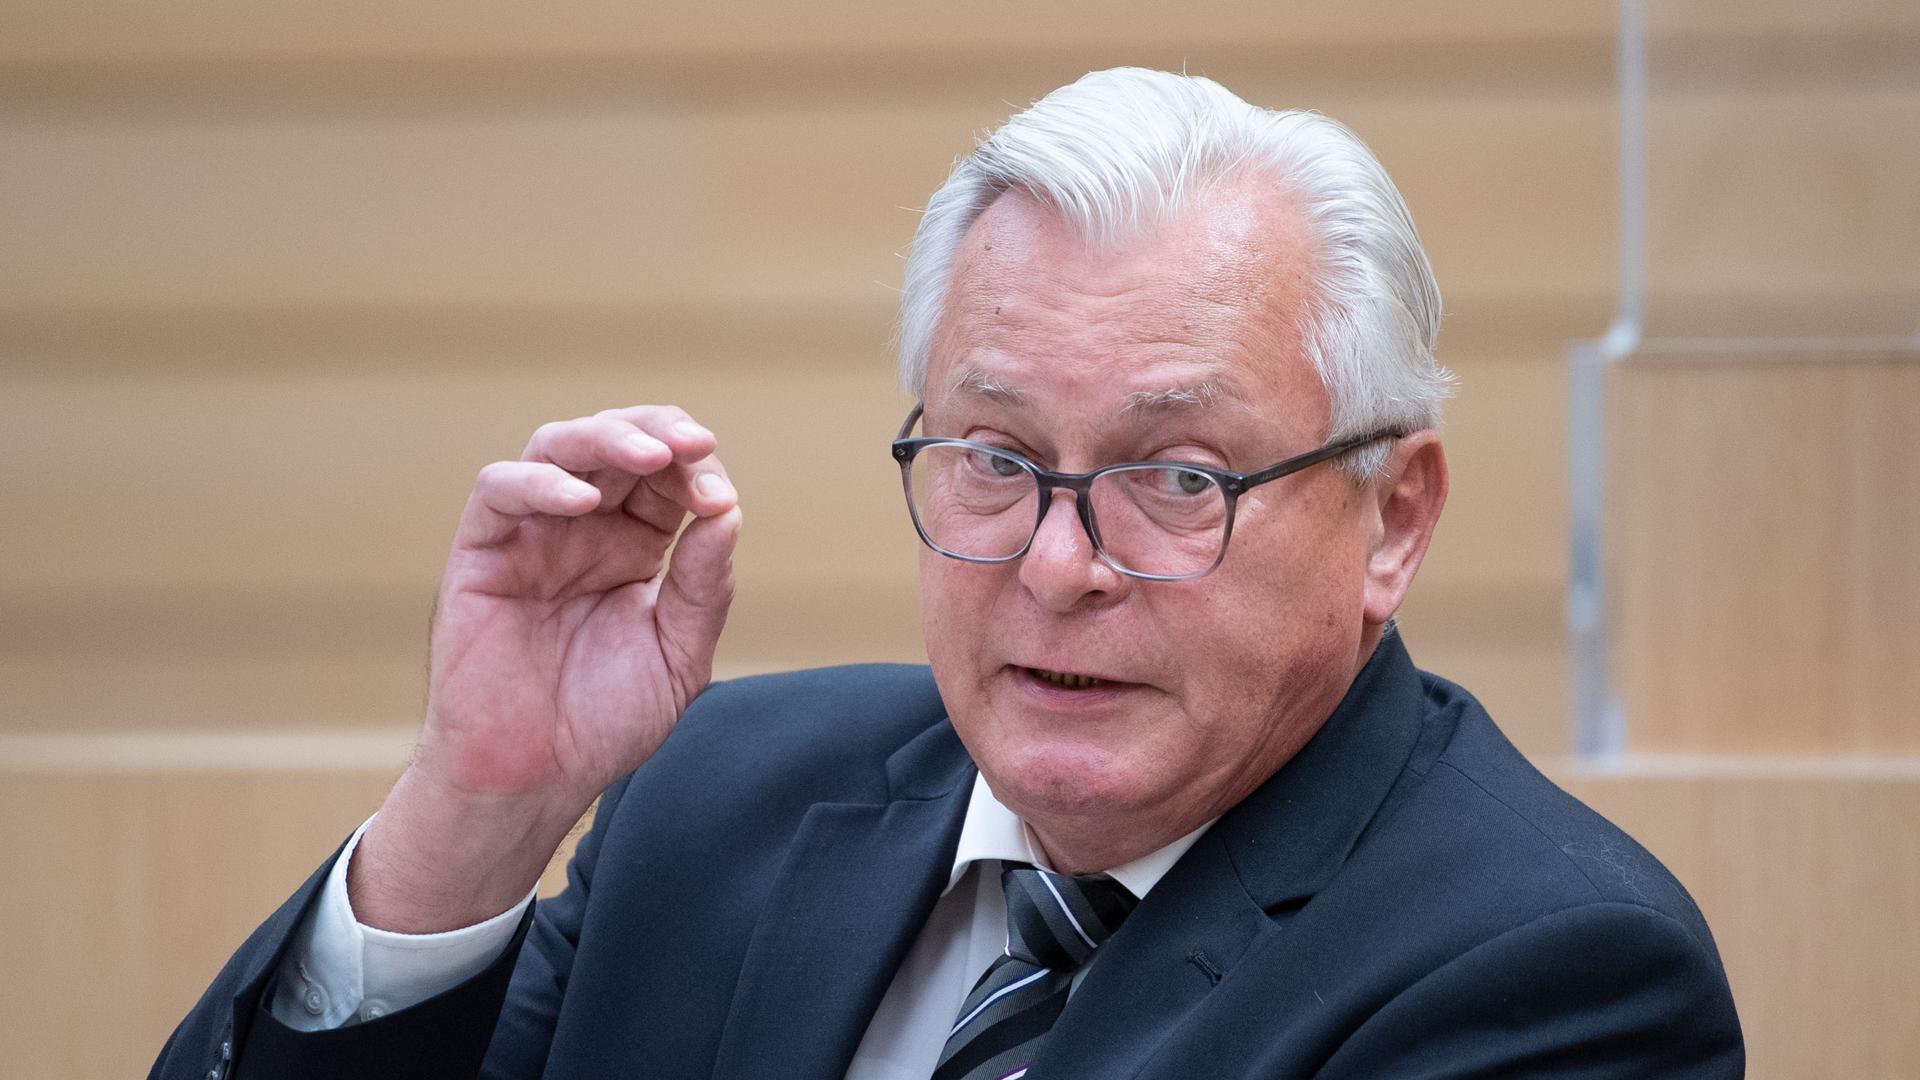 Bernd Gögel, AfD-Landtagsfraktionsvorsitzender, spricht während einer Landtagssitzung im Plenarsaal des Landtags von Baden-Württemberg.